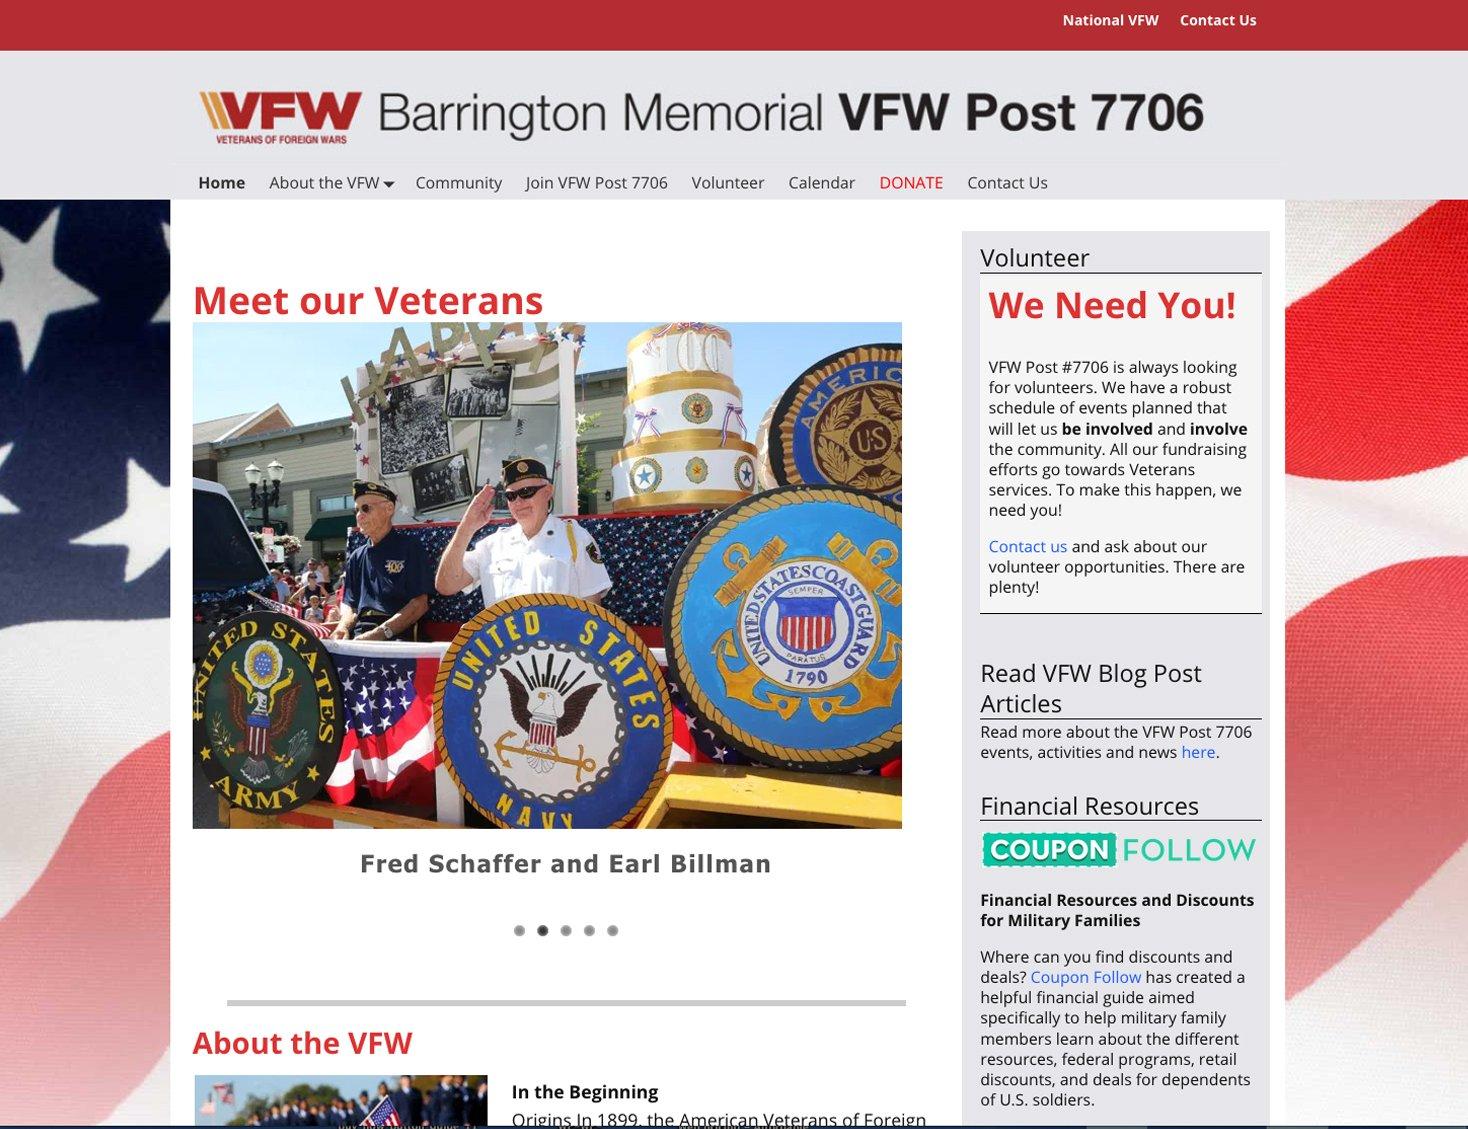 VFW Post 7706